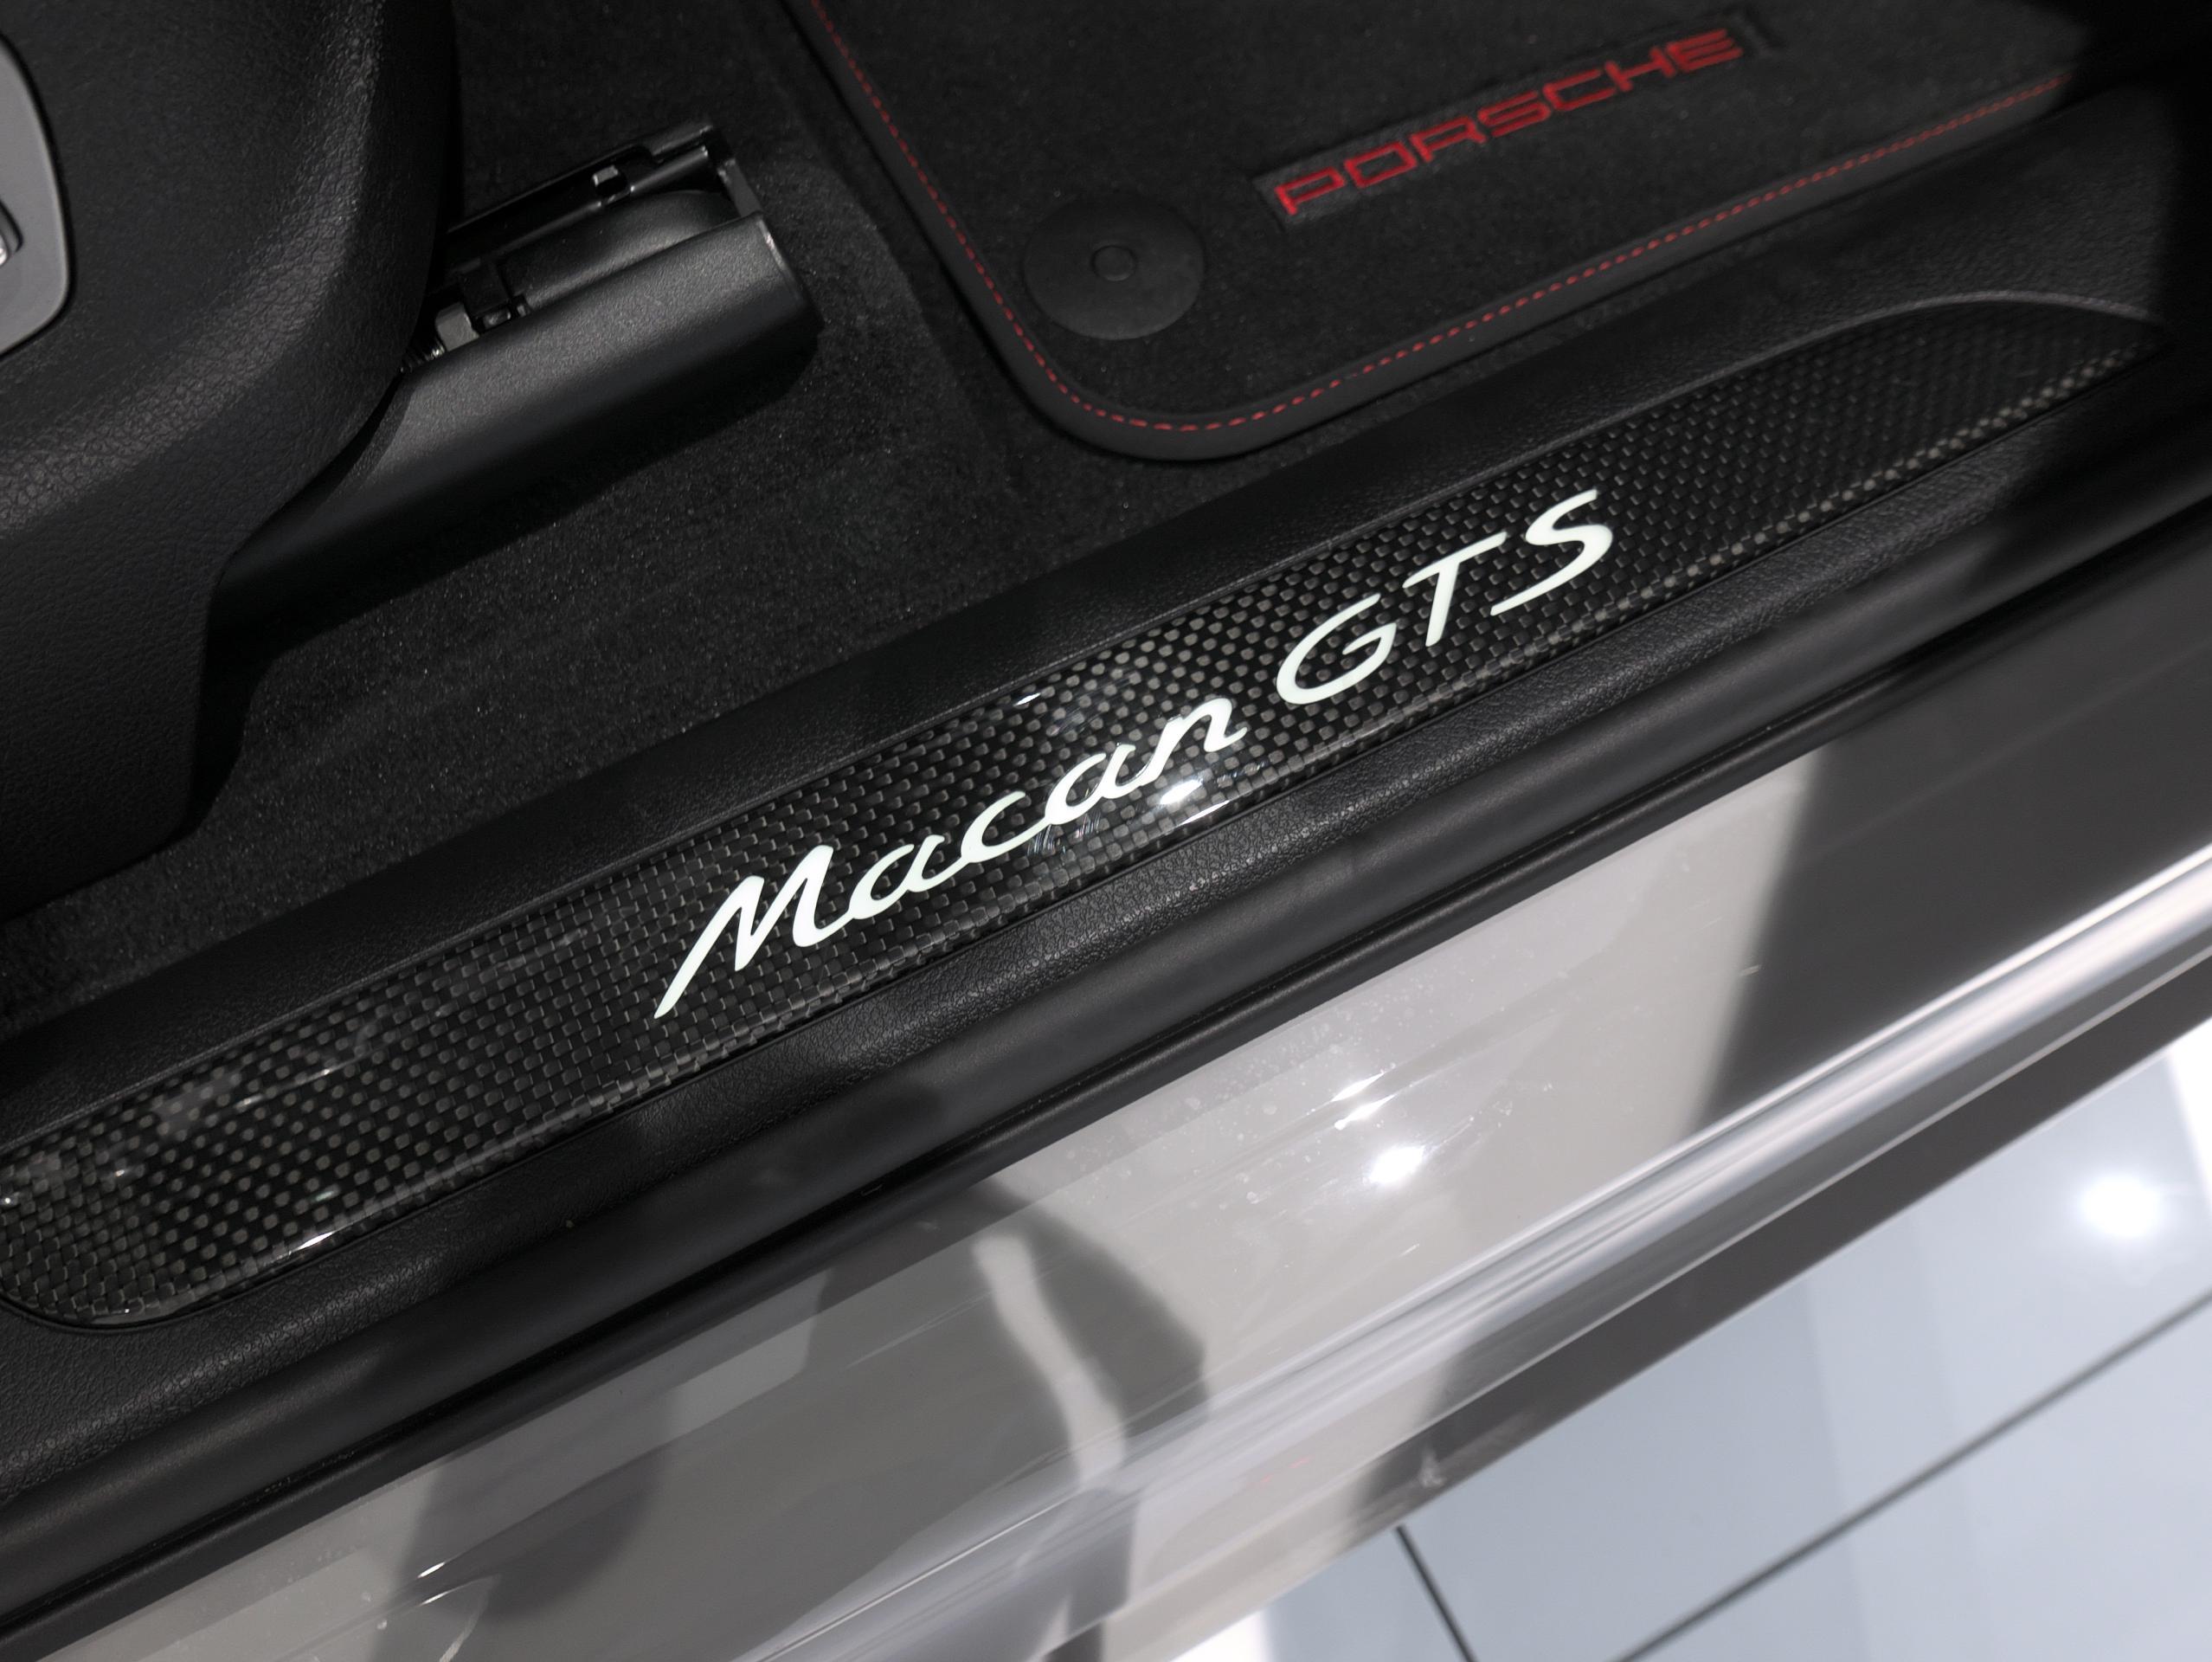 ポルシェ マカン GTS スポーツクロノ カーボンスカッフプレート